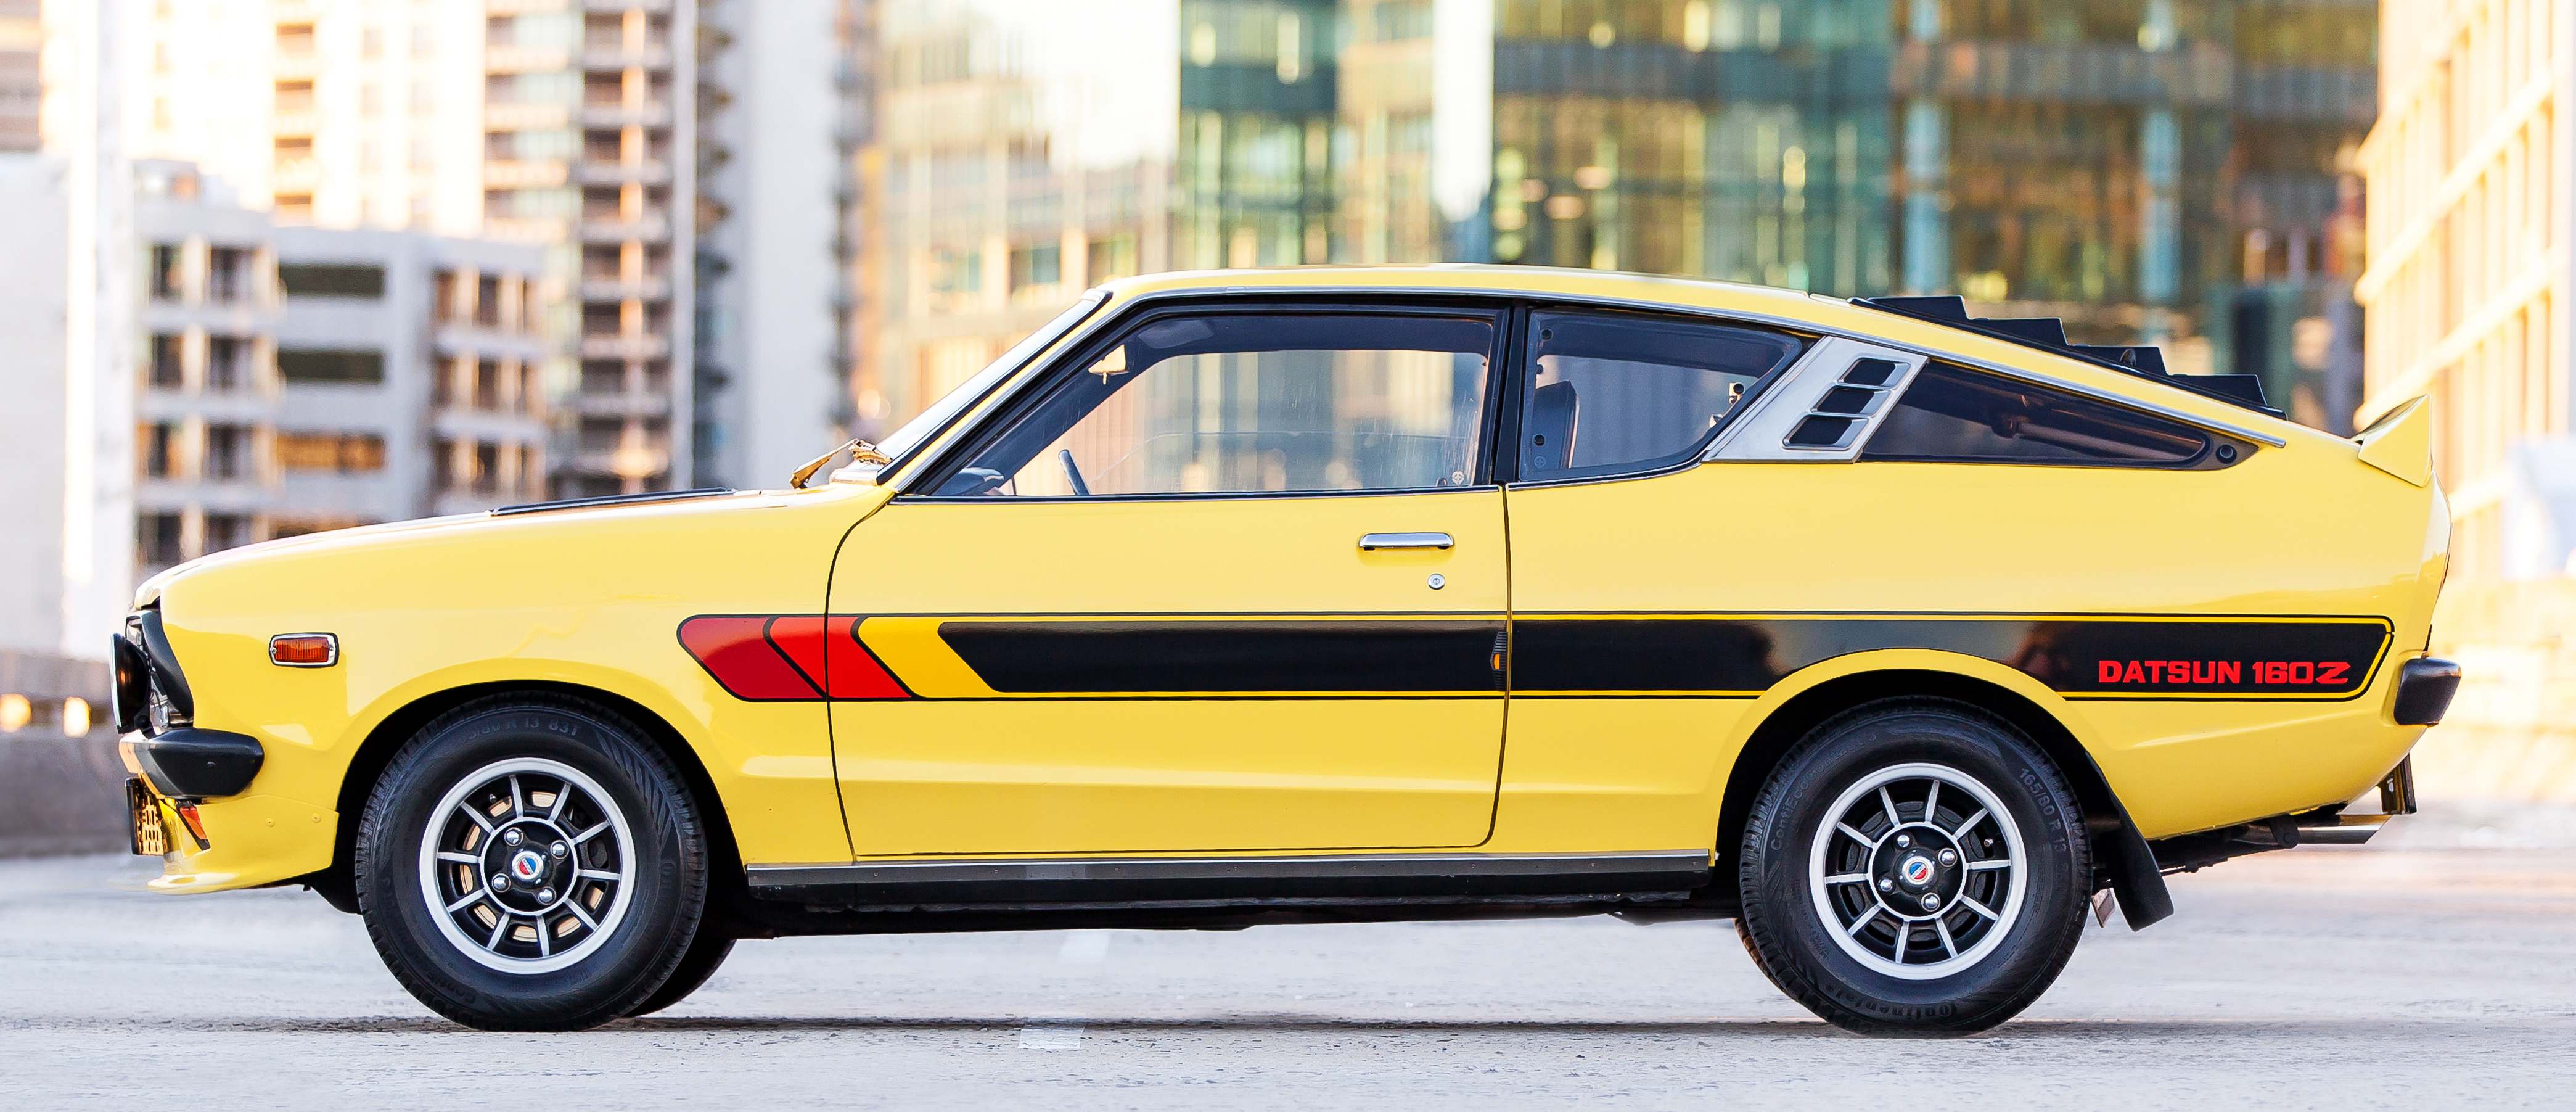 File:Datsun 160z Side.jpg